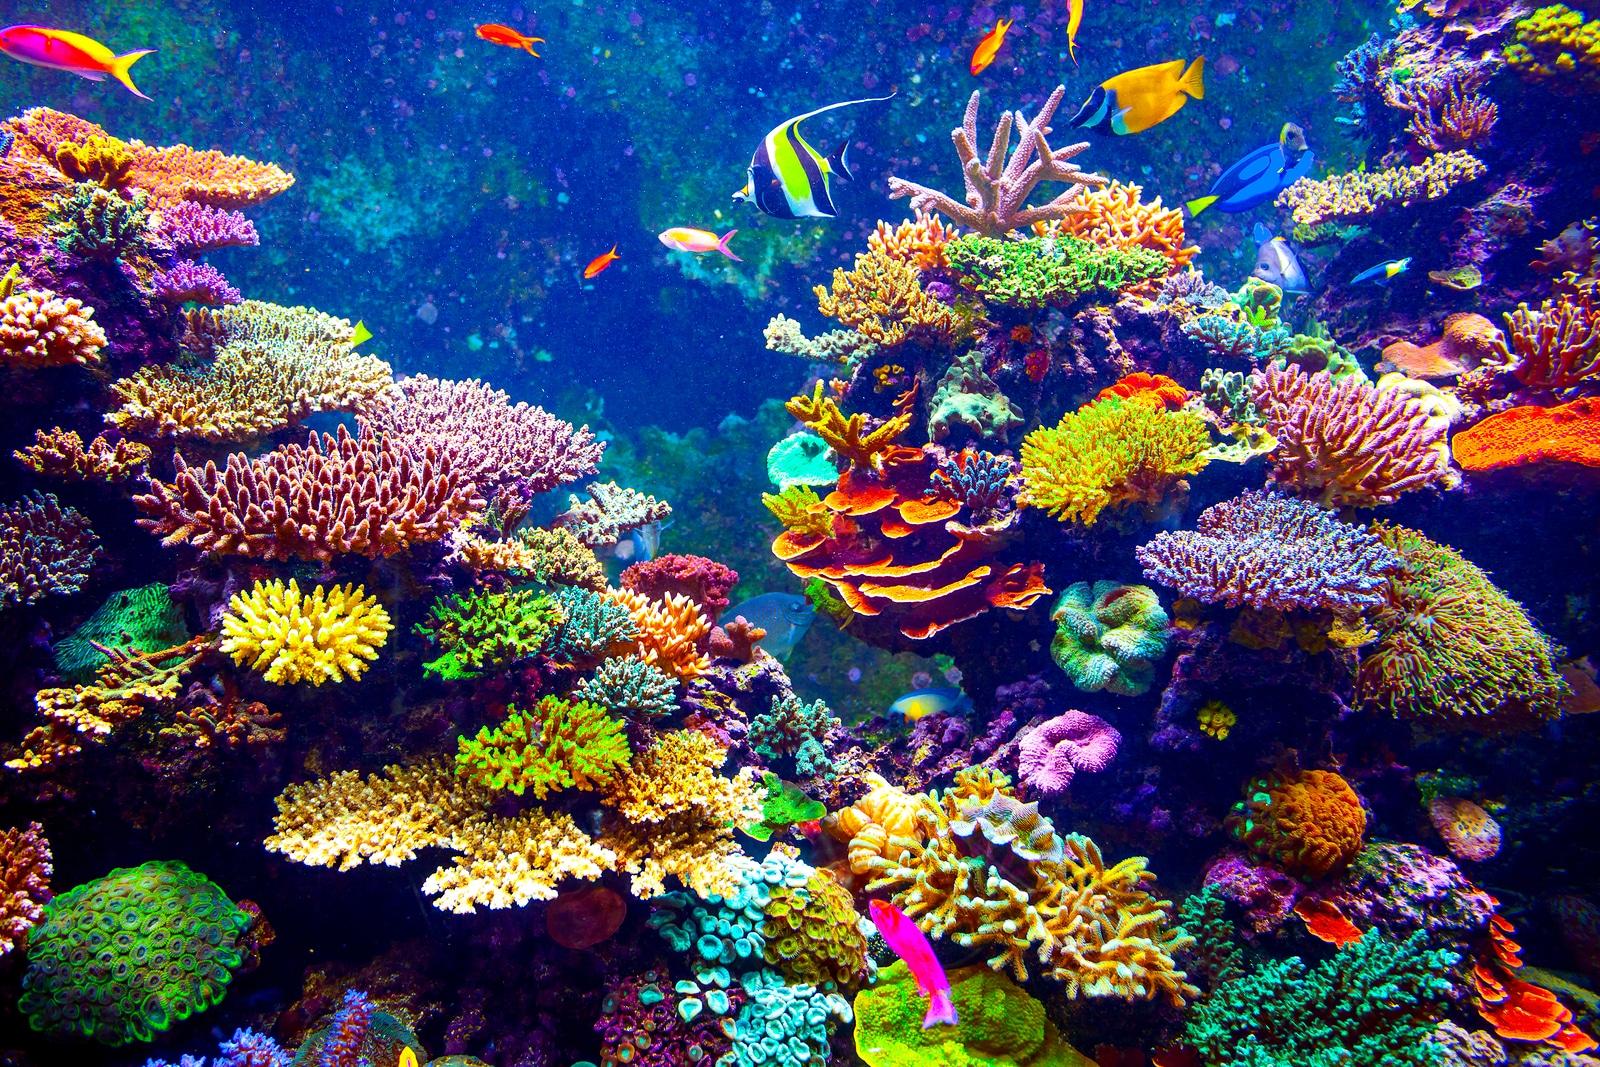 Krystal International Vacation Club Highlights Best Snorkel Spots in Puerto Vallarta